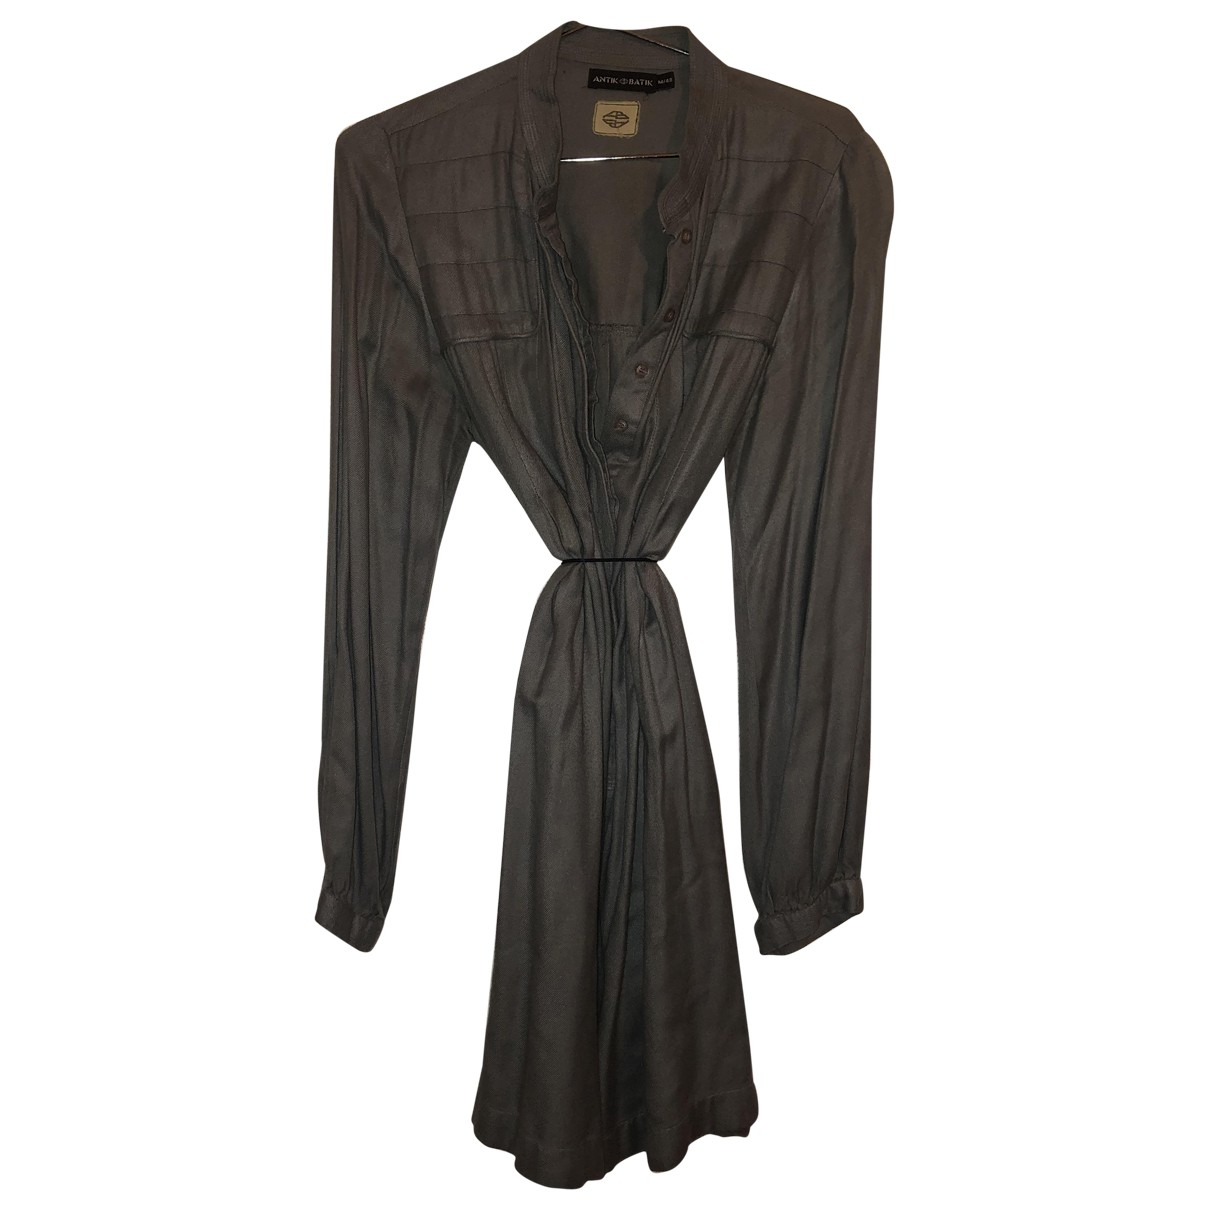 Antik Batik \N Kleid in  Grau Baumwolle